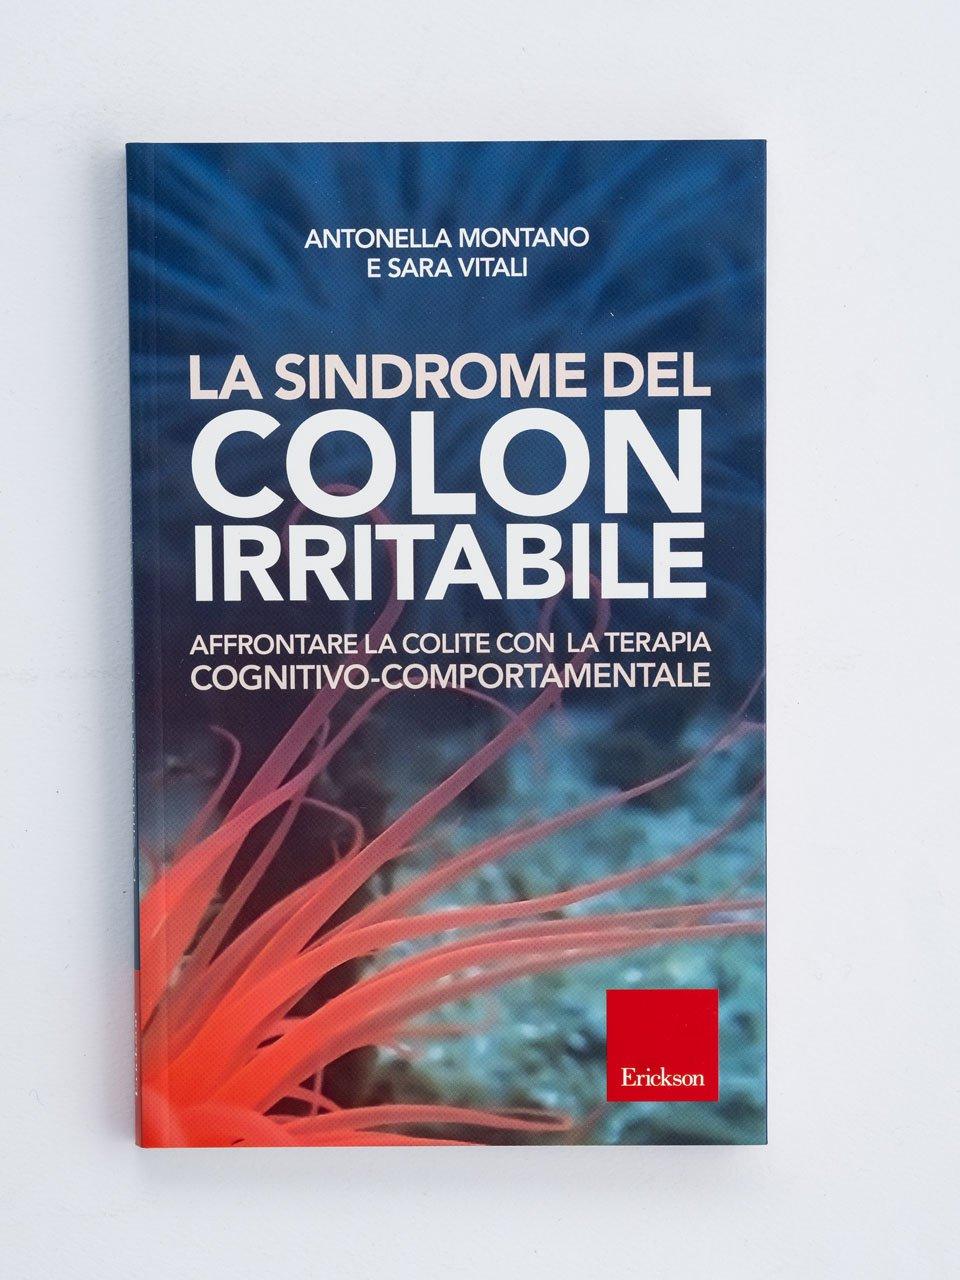 La sindrome del colon irritabile - Self-help: libri sull'auto aiuto - Erickson